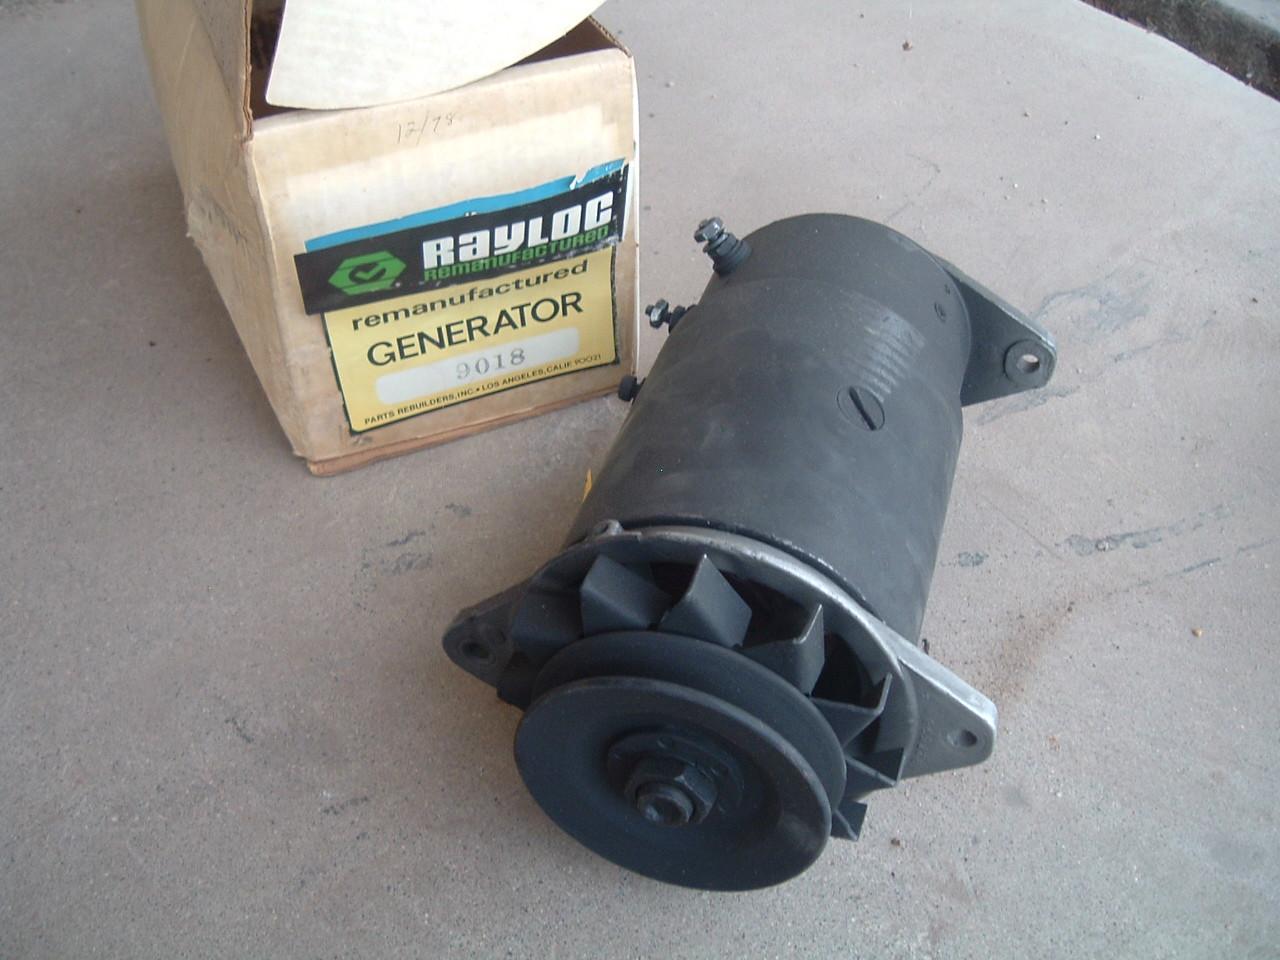 1955 56 57 58 59 pontiac new rebuilt generator # 9018 (z 9018)